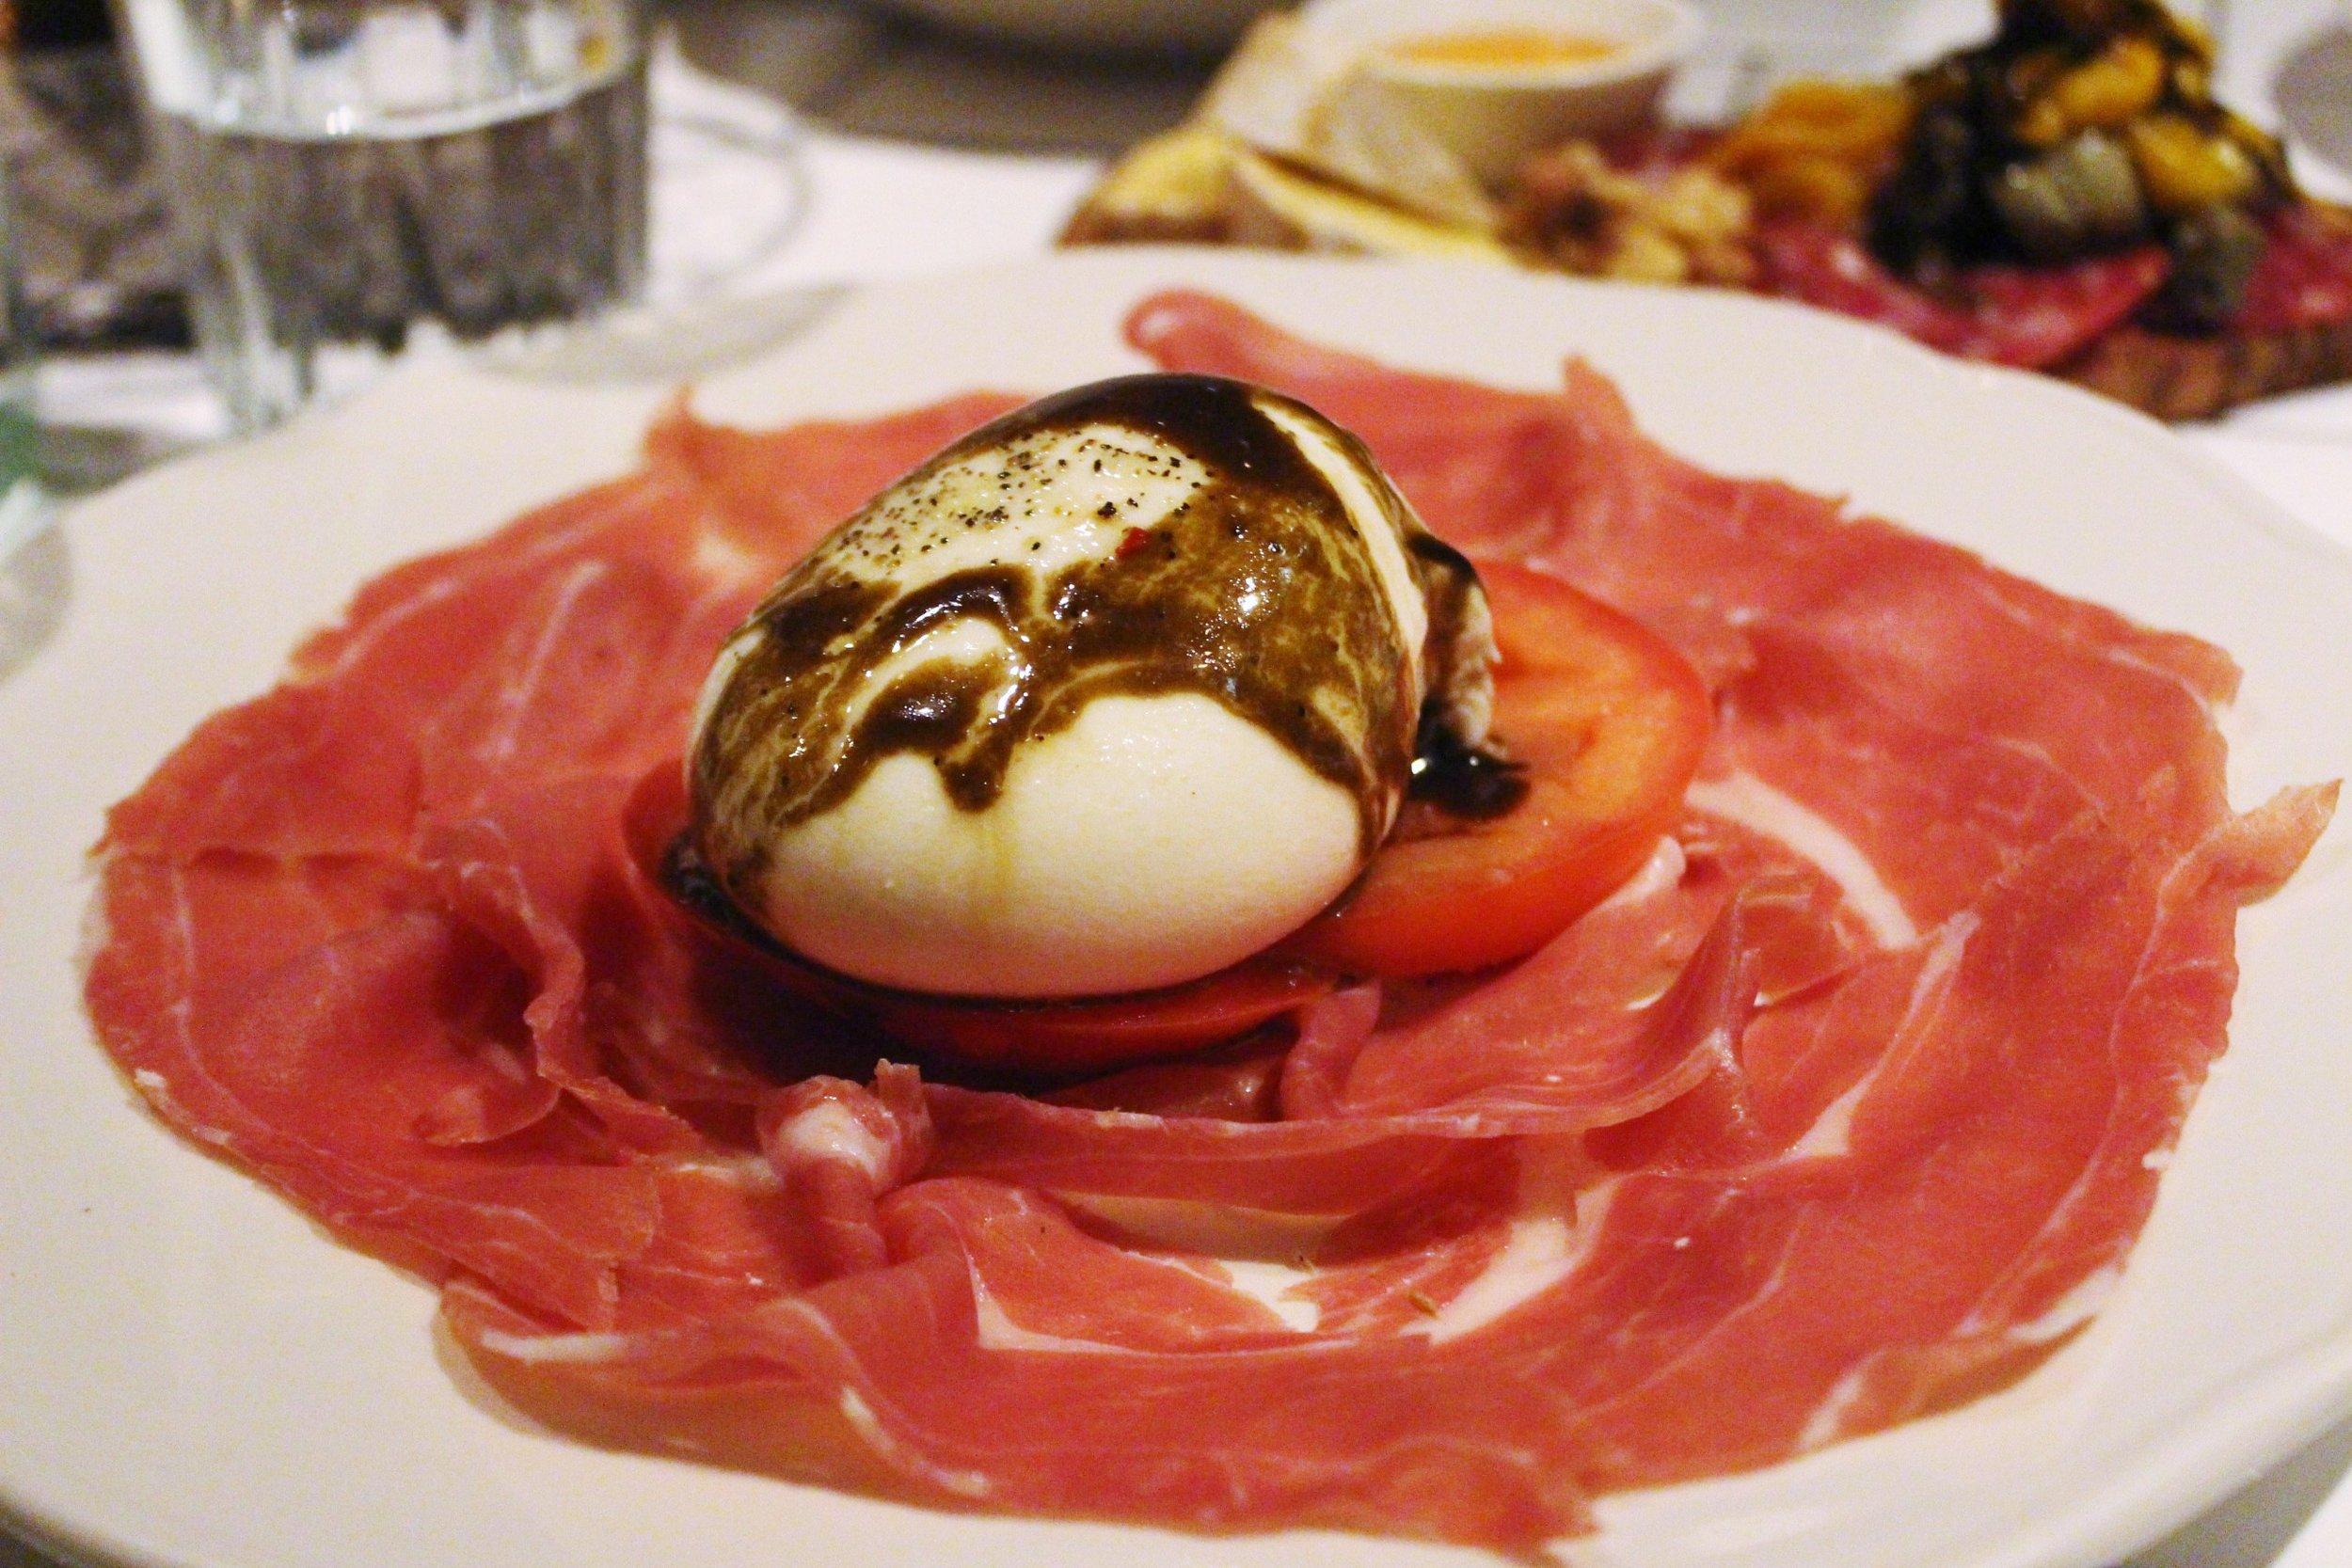 Burrata: Mozzarella, Tomato, and Prosciutto